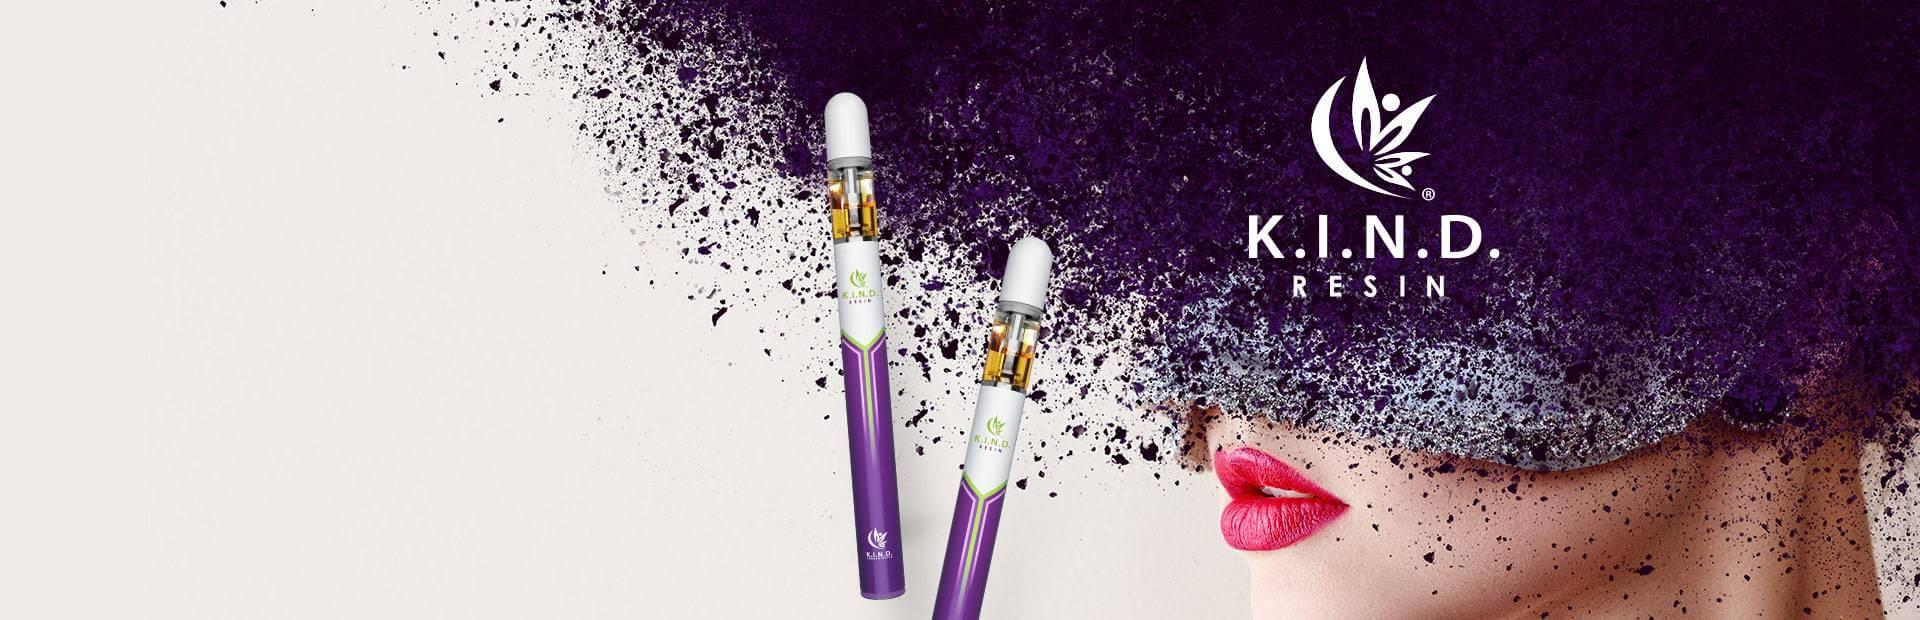 K.I.N.D. Resin disposable vape pen